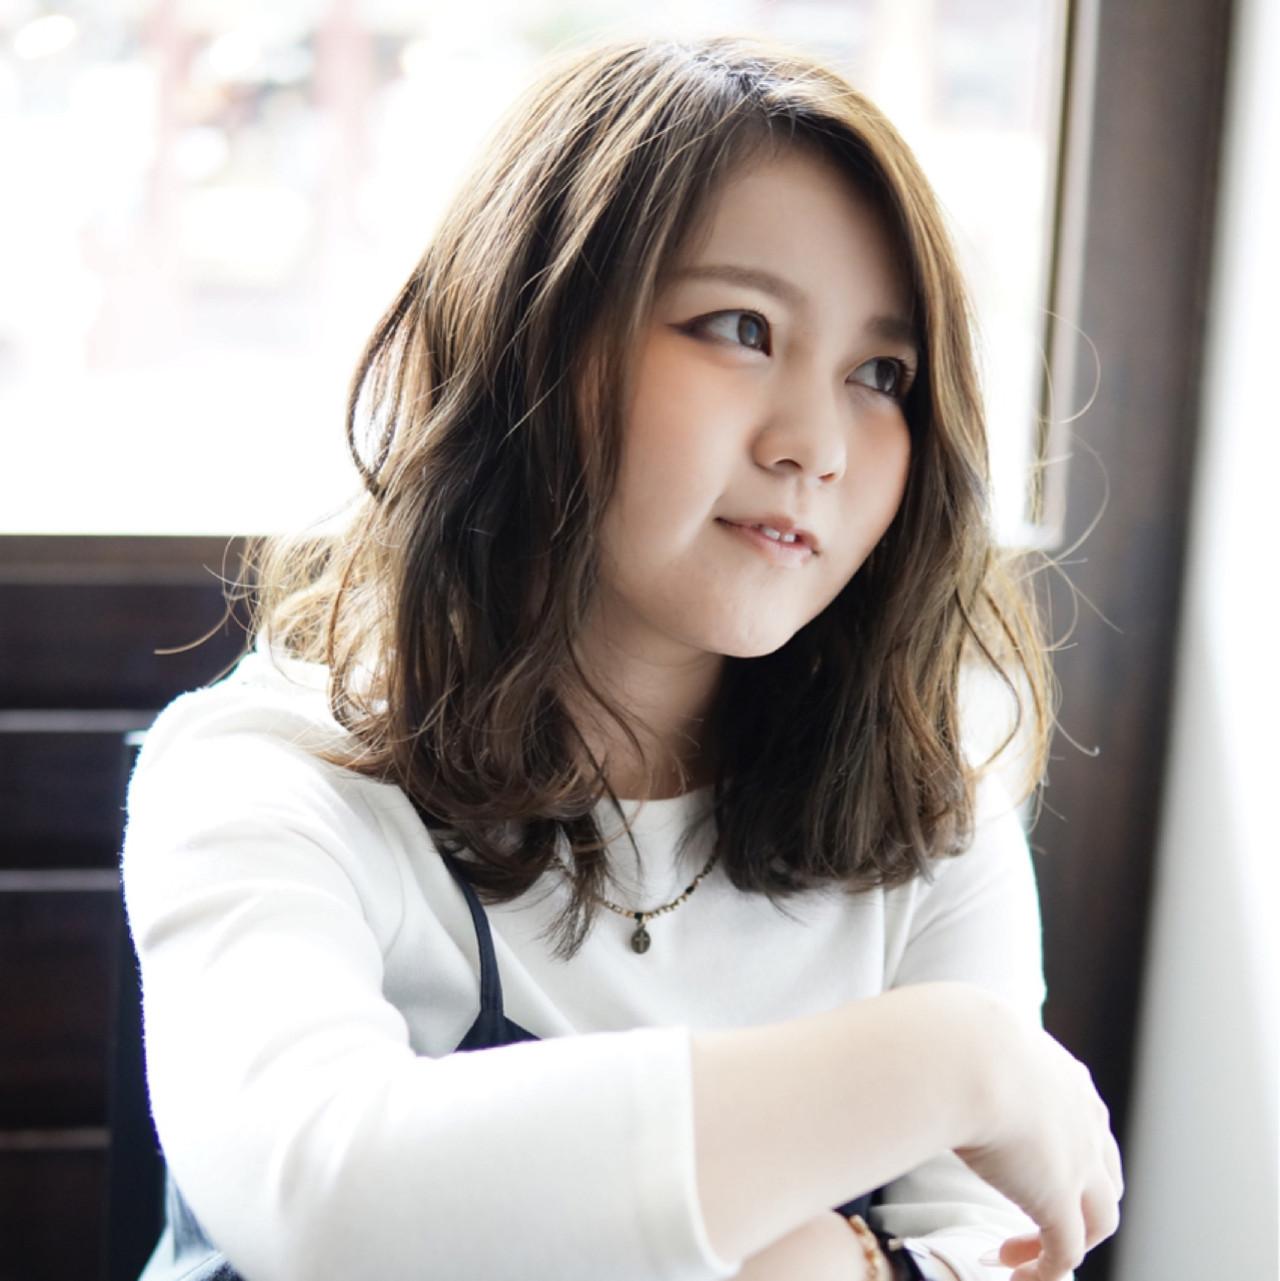 前髪なしのミディアムショートボブが新鮮! 堀井咲希